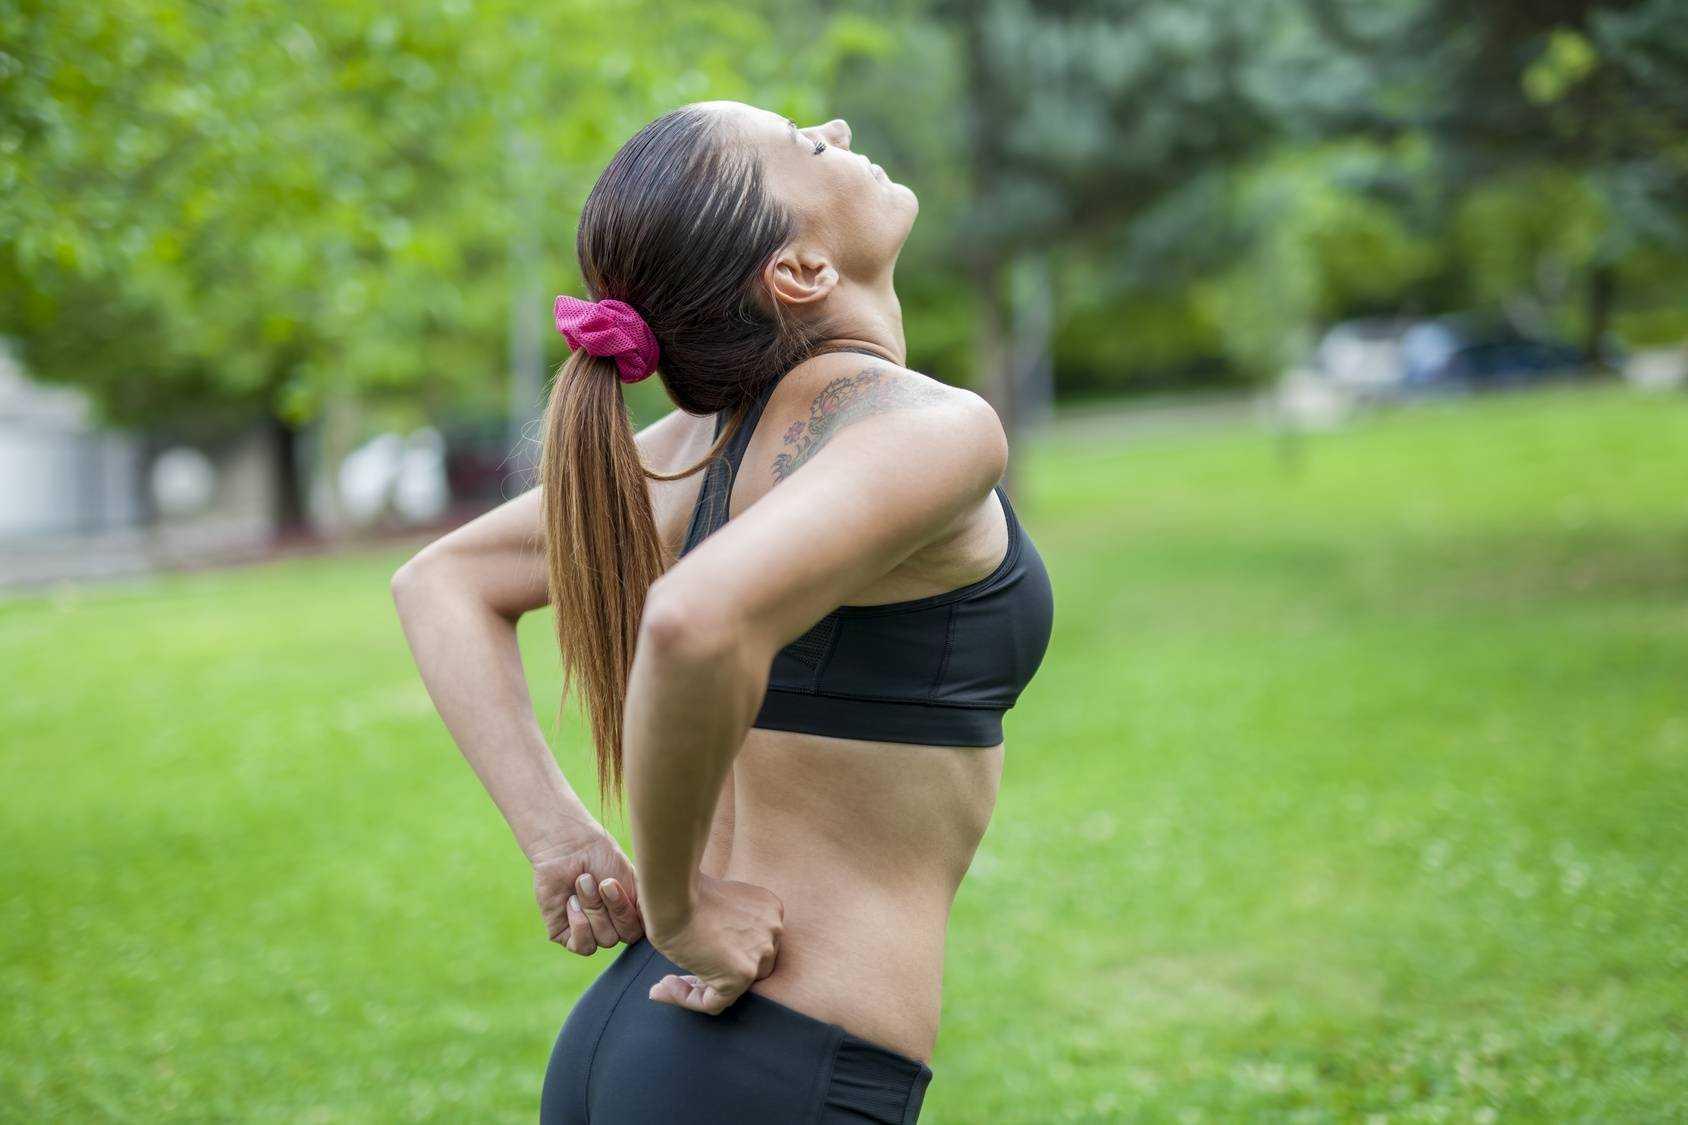 Крепатура мышц - что это такое после тренировки и как избавиться